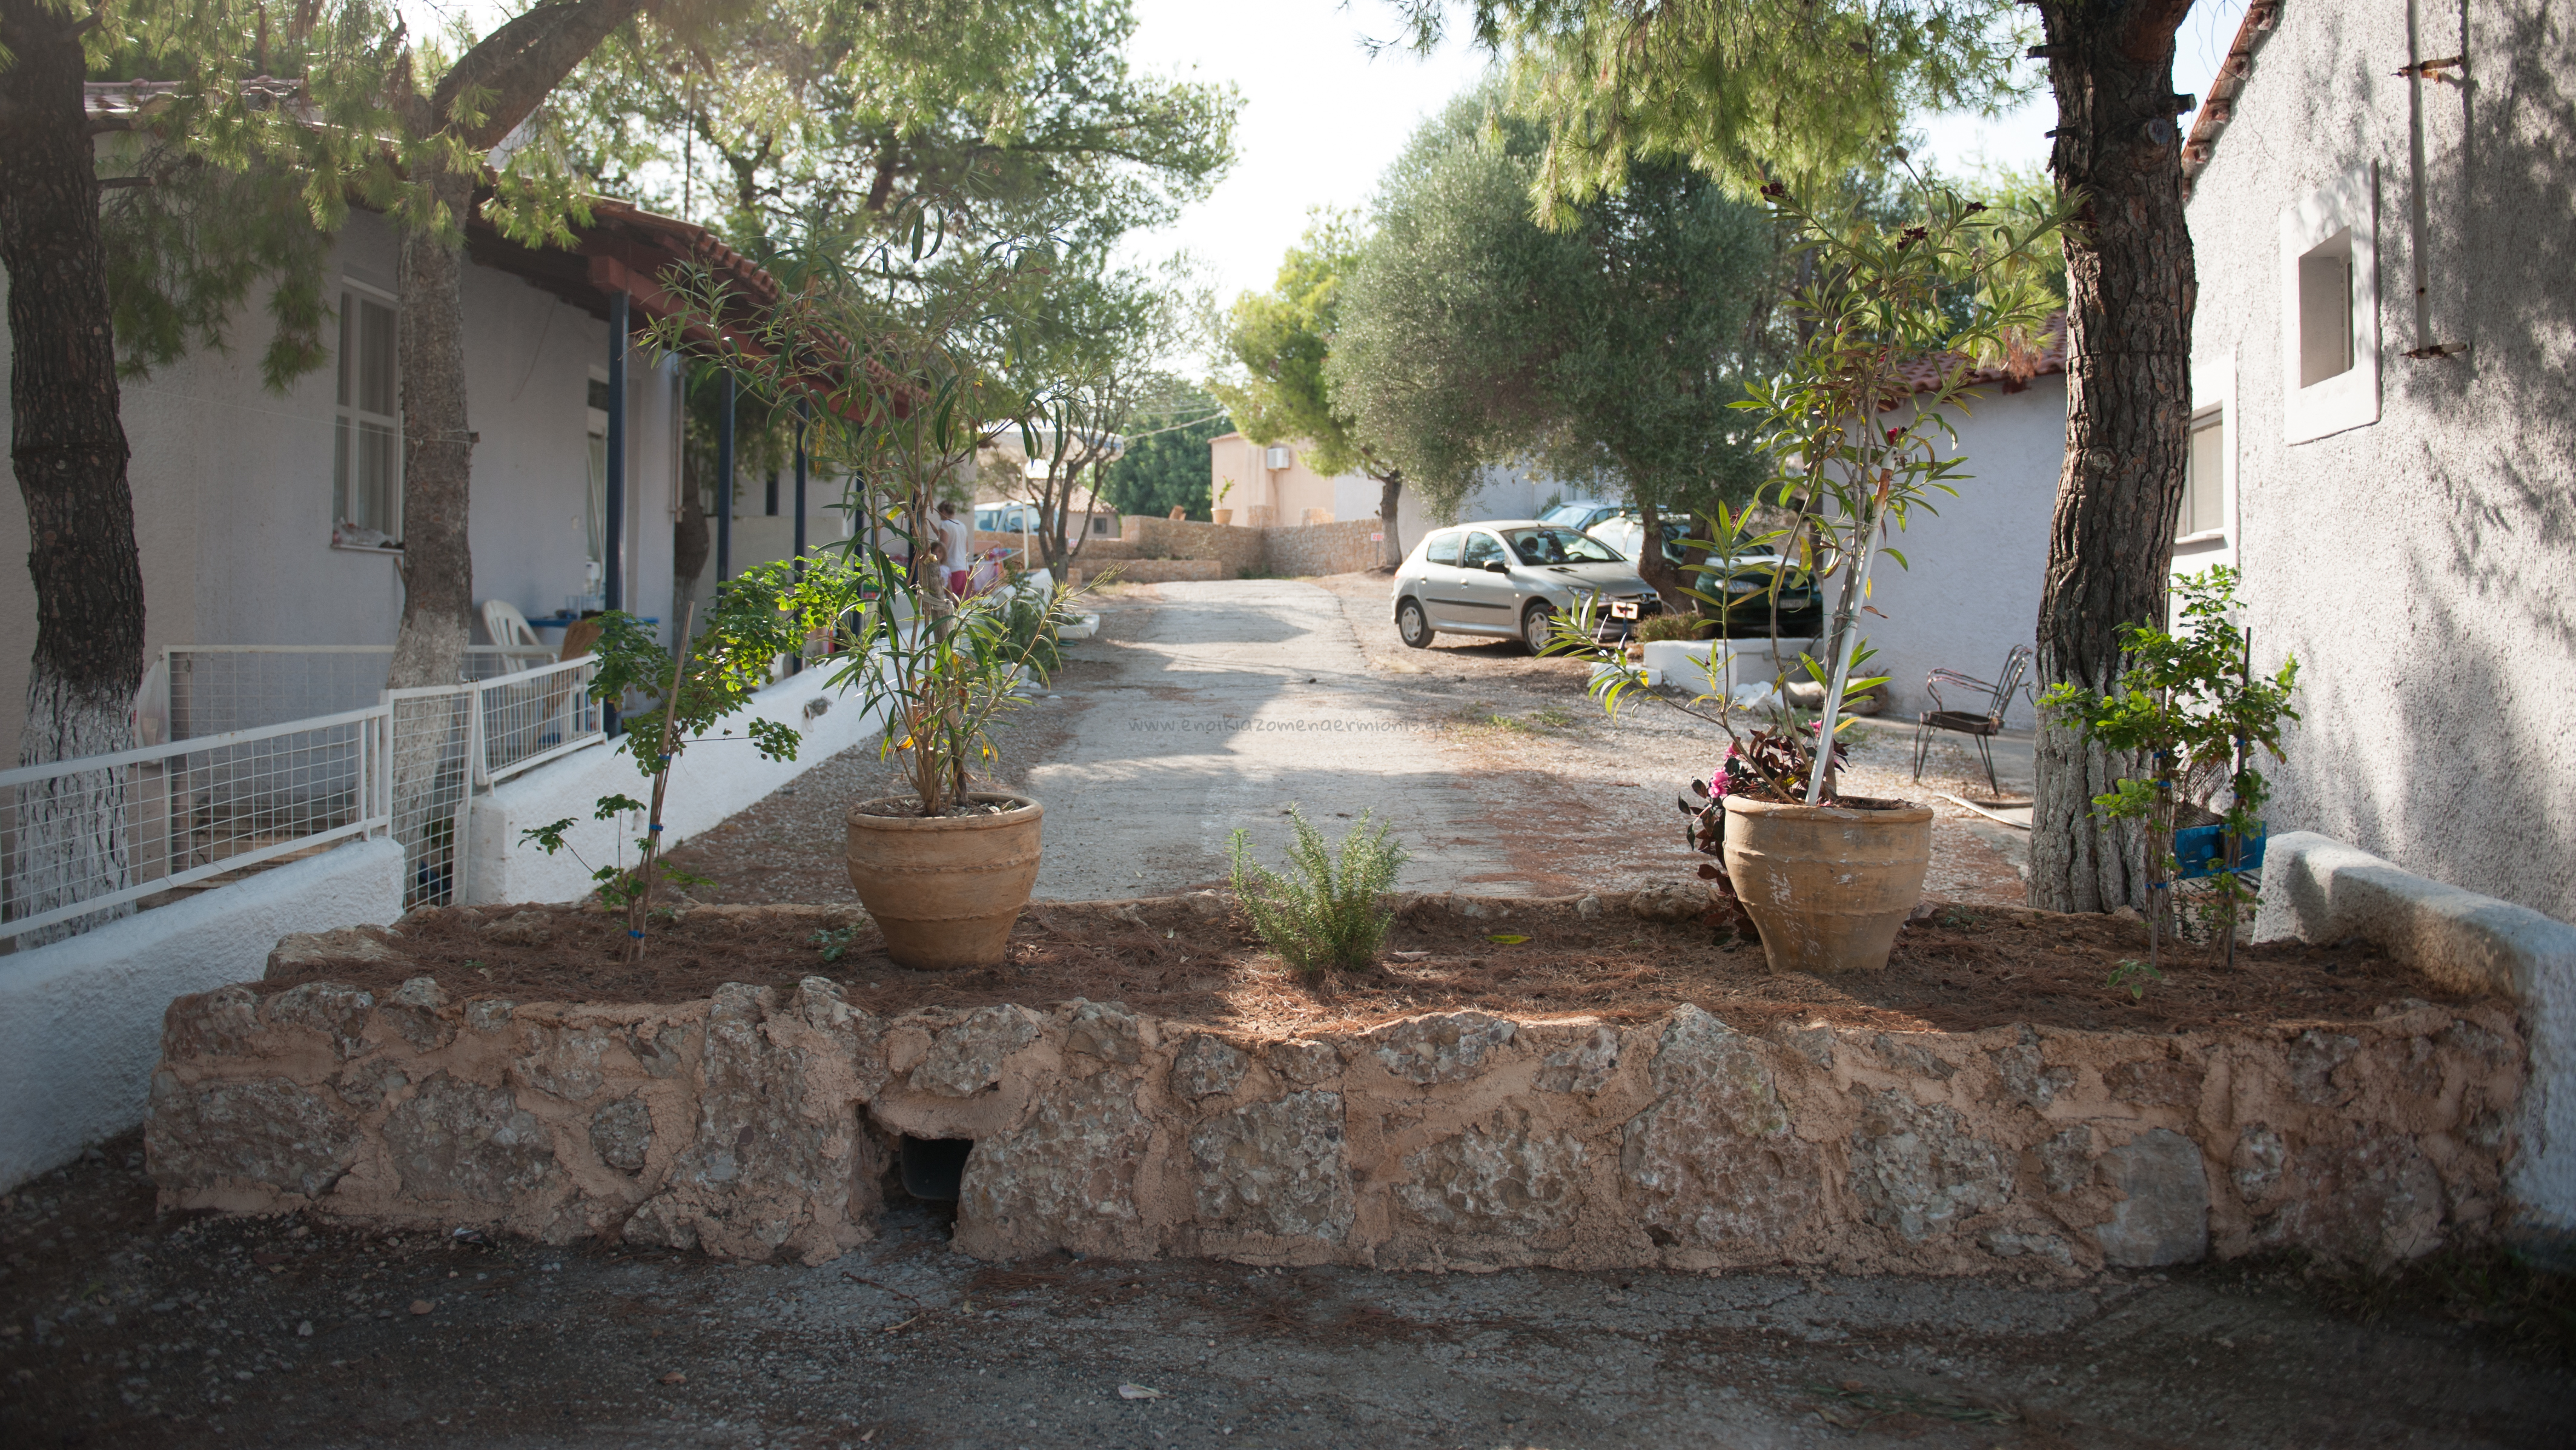 Ενοικιαζόμενα σπίτια του καταλύματος για σεζόν ή χρόνο